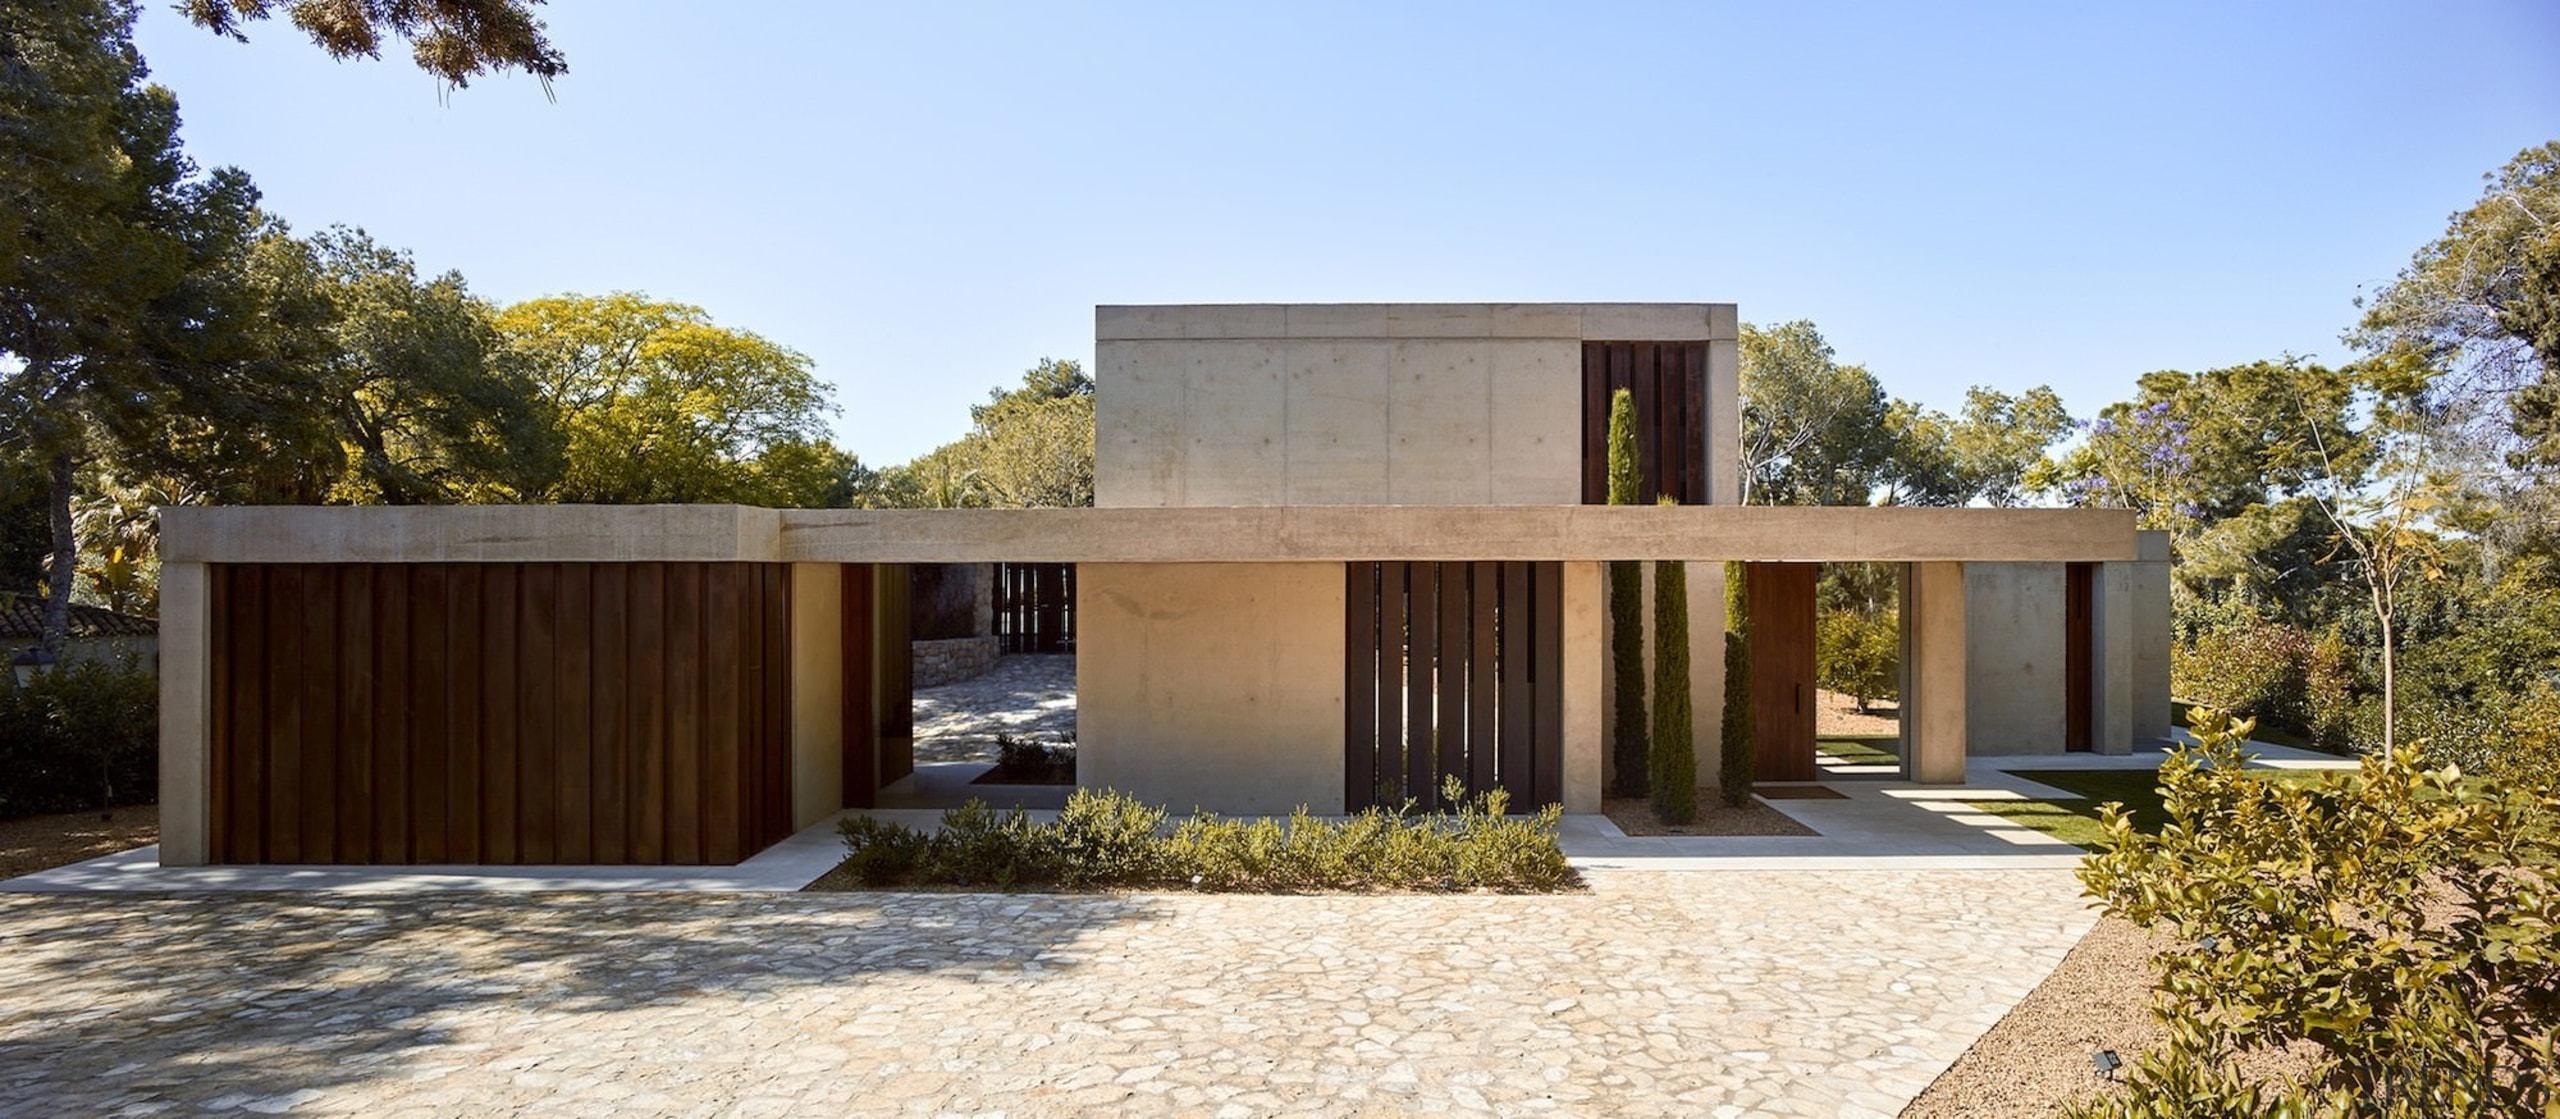 Architect: Ramón Esteve Estudio de Arquitectura architecture, estate, facade, home, house, property, real estate, teal